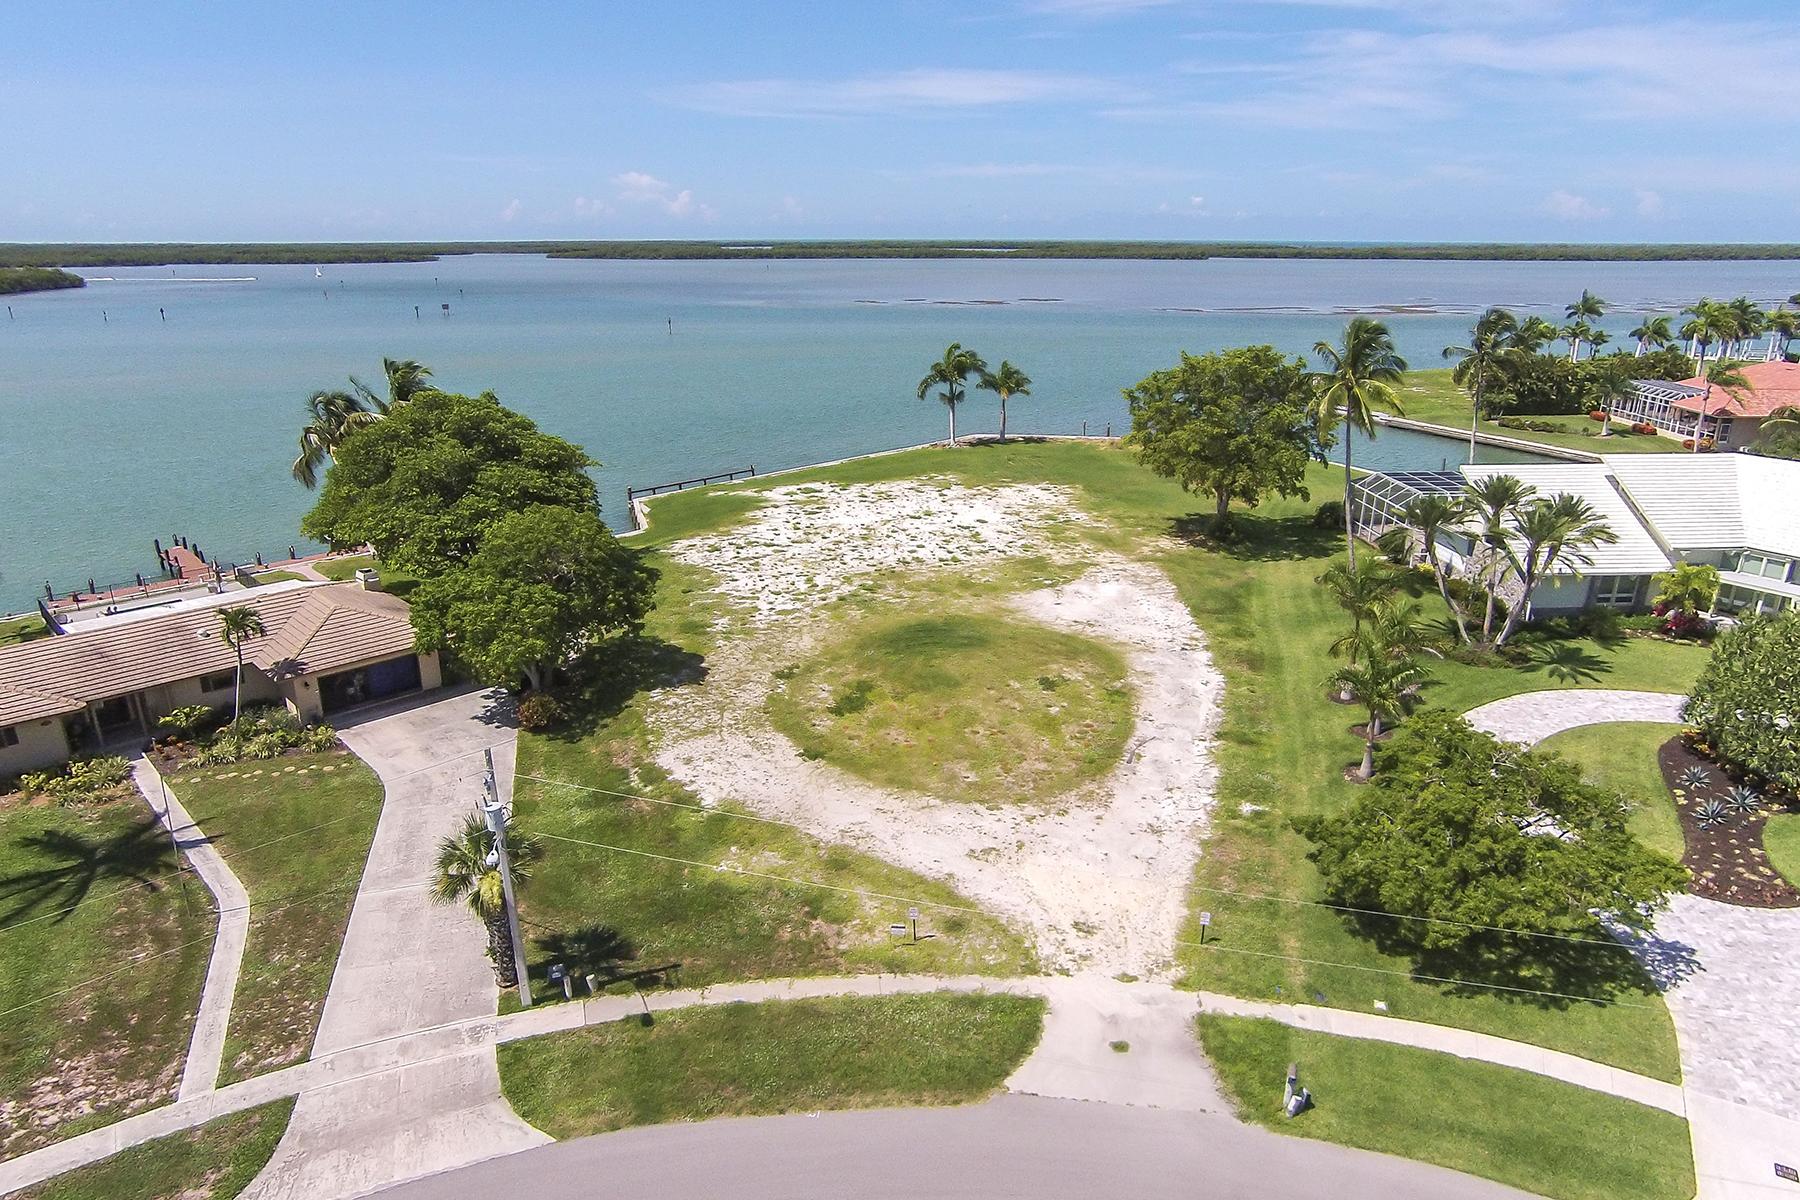 토지 용 매매 에 MARCO ISLAND - CAXAMBAS DRIVE 1045 Caxambas Dr Marco Island, 플로리다 34145 미국